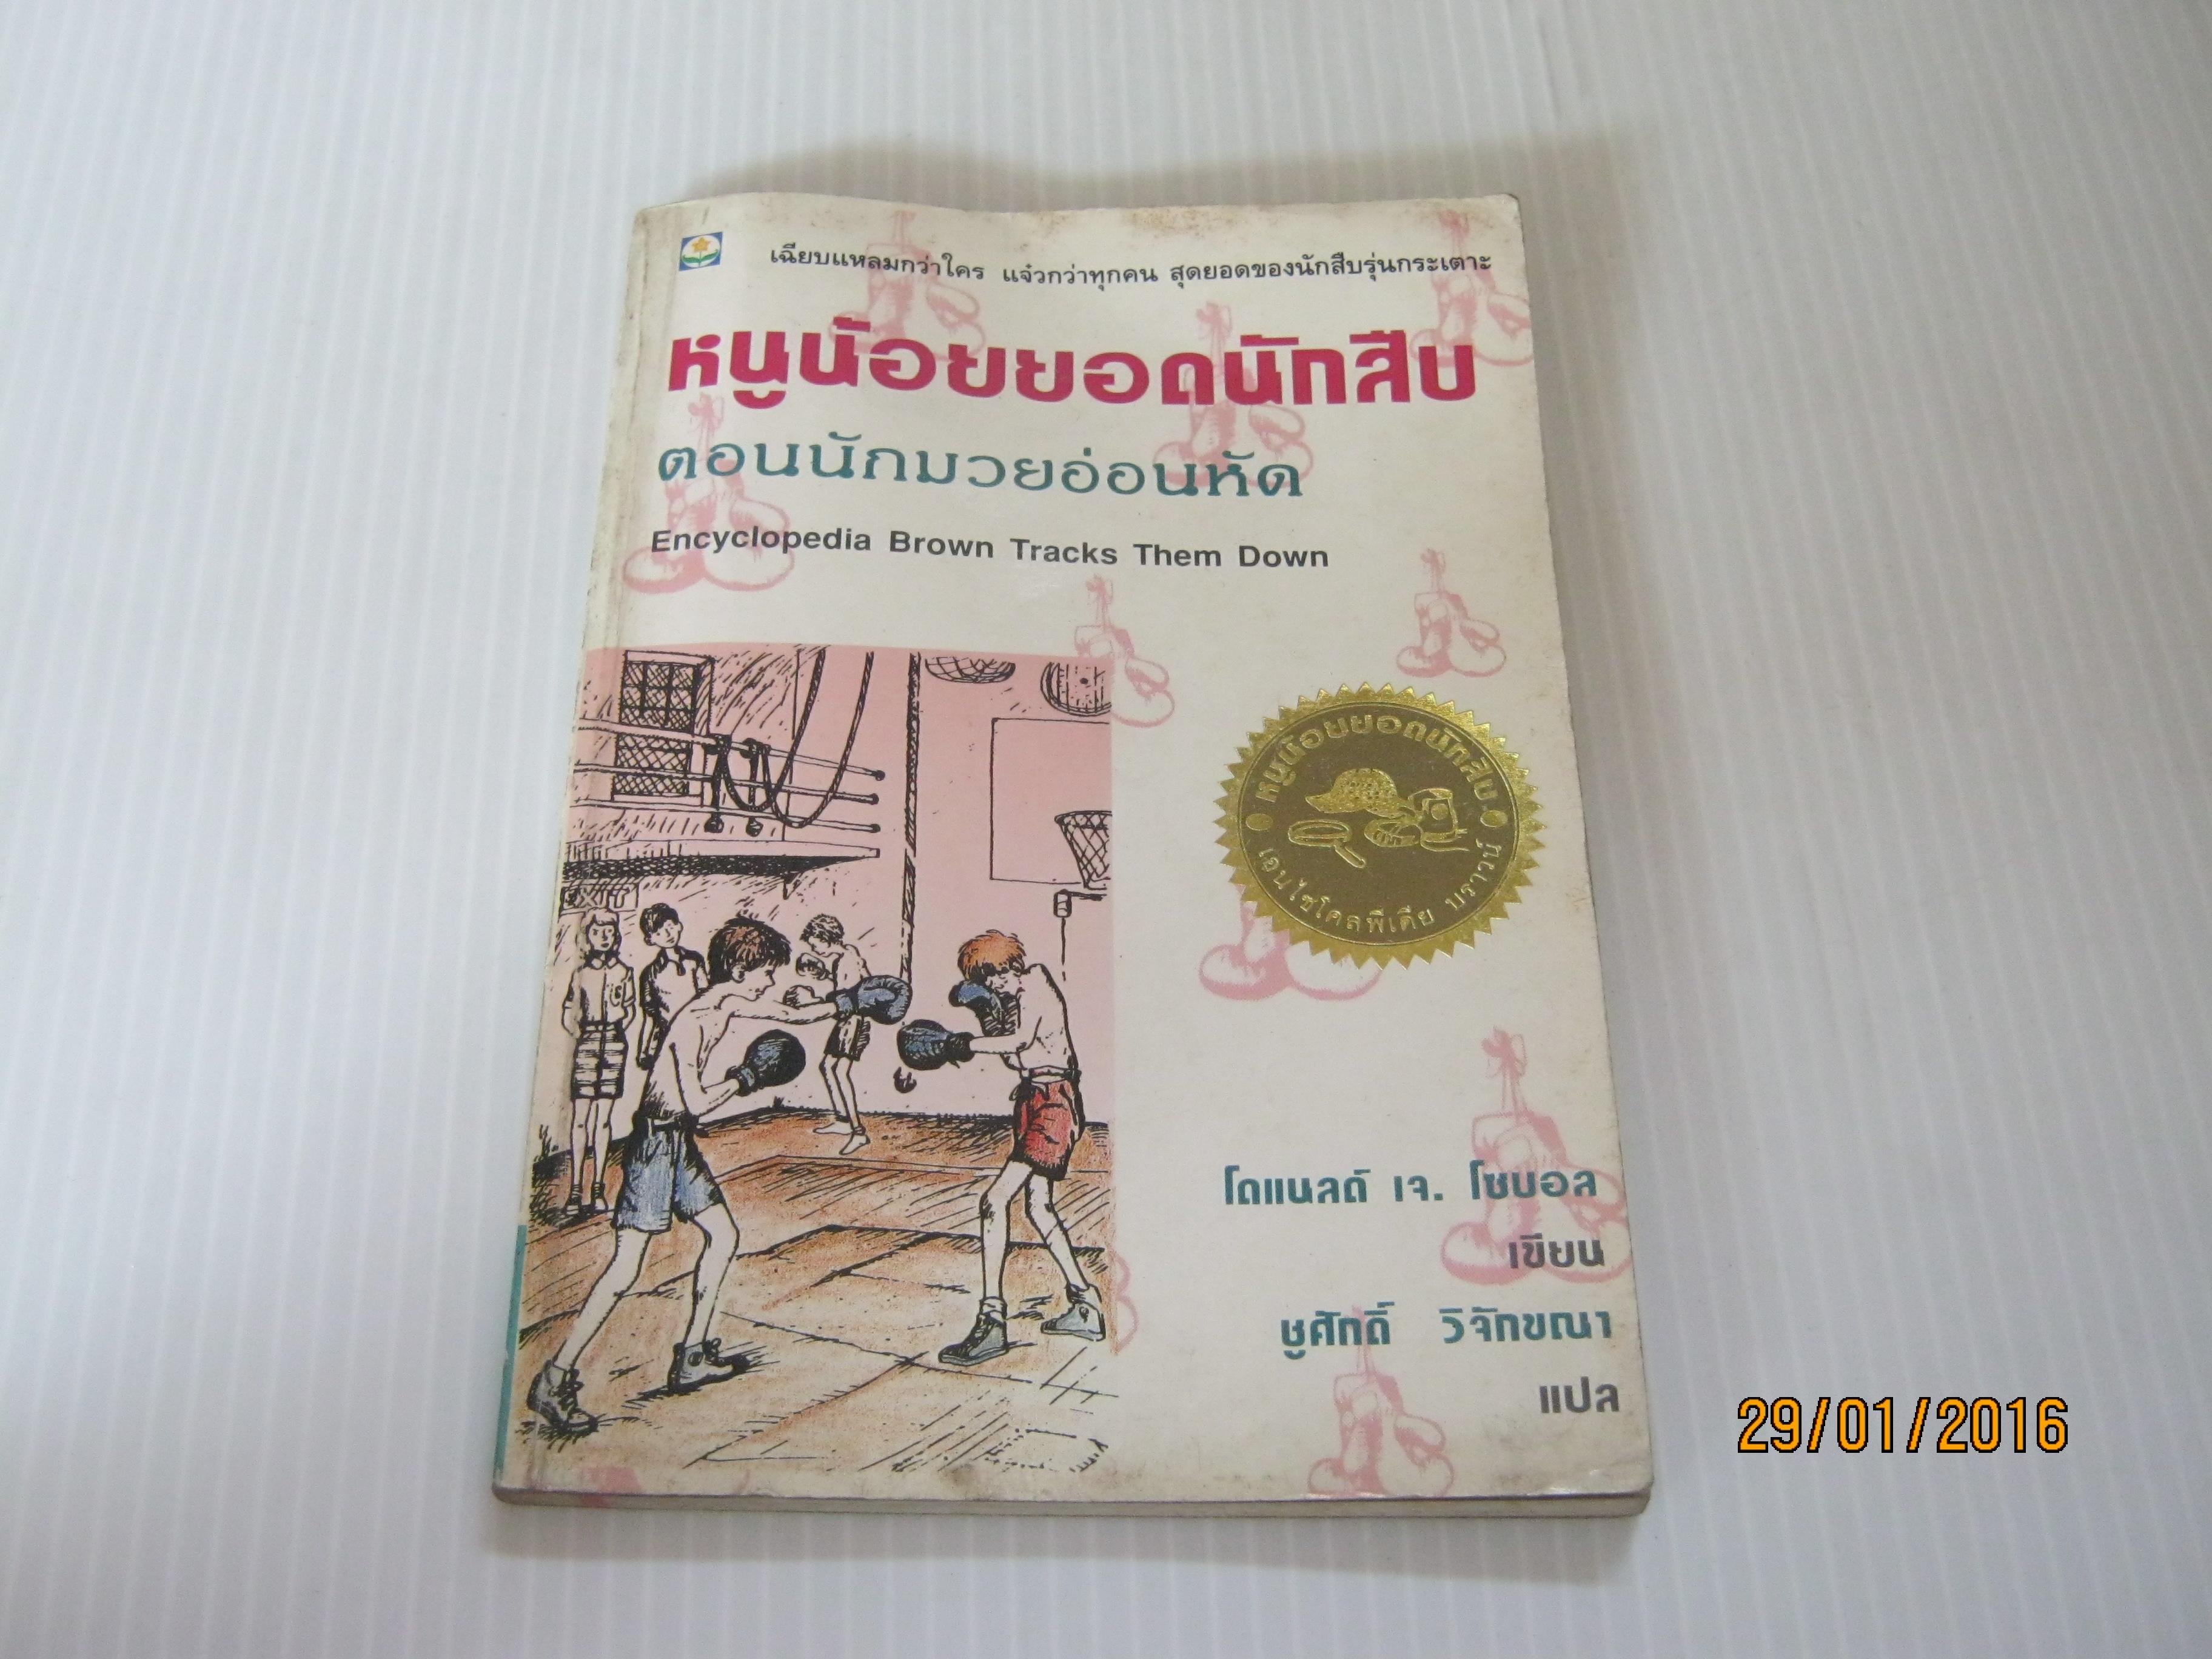 หนูน้อยยอดนักสืบ ตอน นักมวยอ่อนหัด (EncyClopedia Brown Tracks Them Down) โดแนลด์ เจ. โซบอล เขียน ชูศักดิ์ วิจักขณา แปล